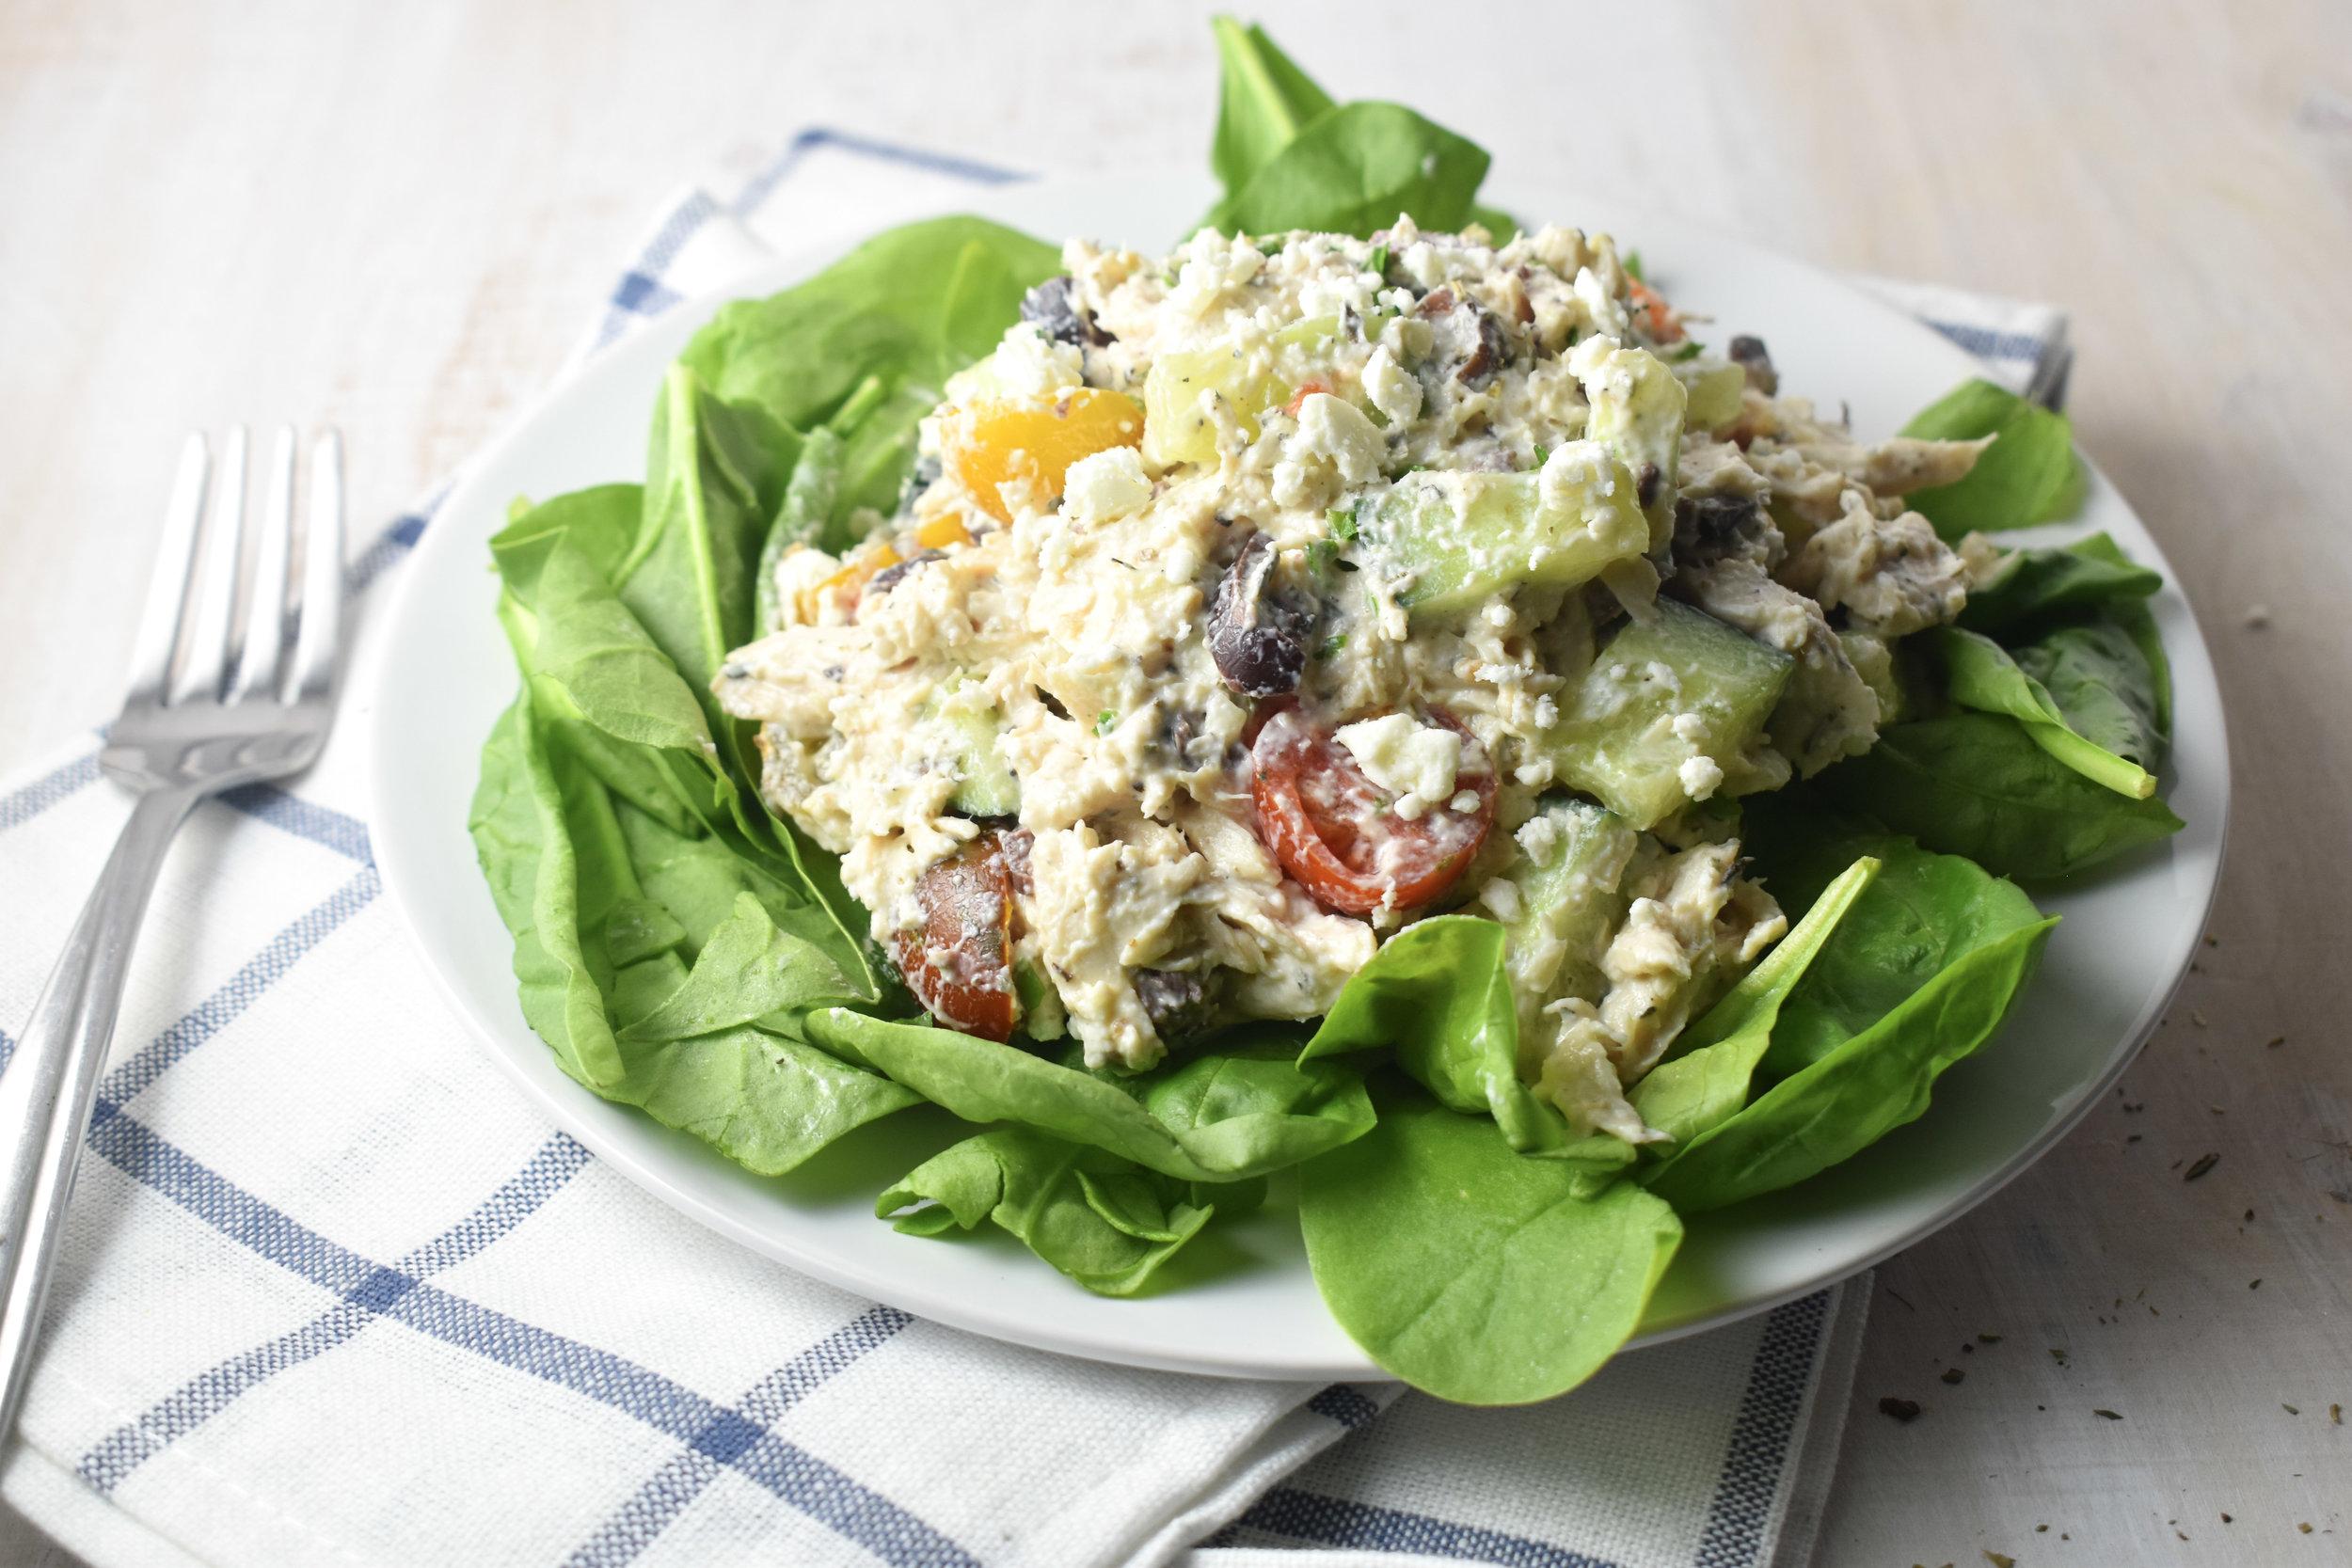 Greek Chicken Salad Carolyn Williams, PhD, RD